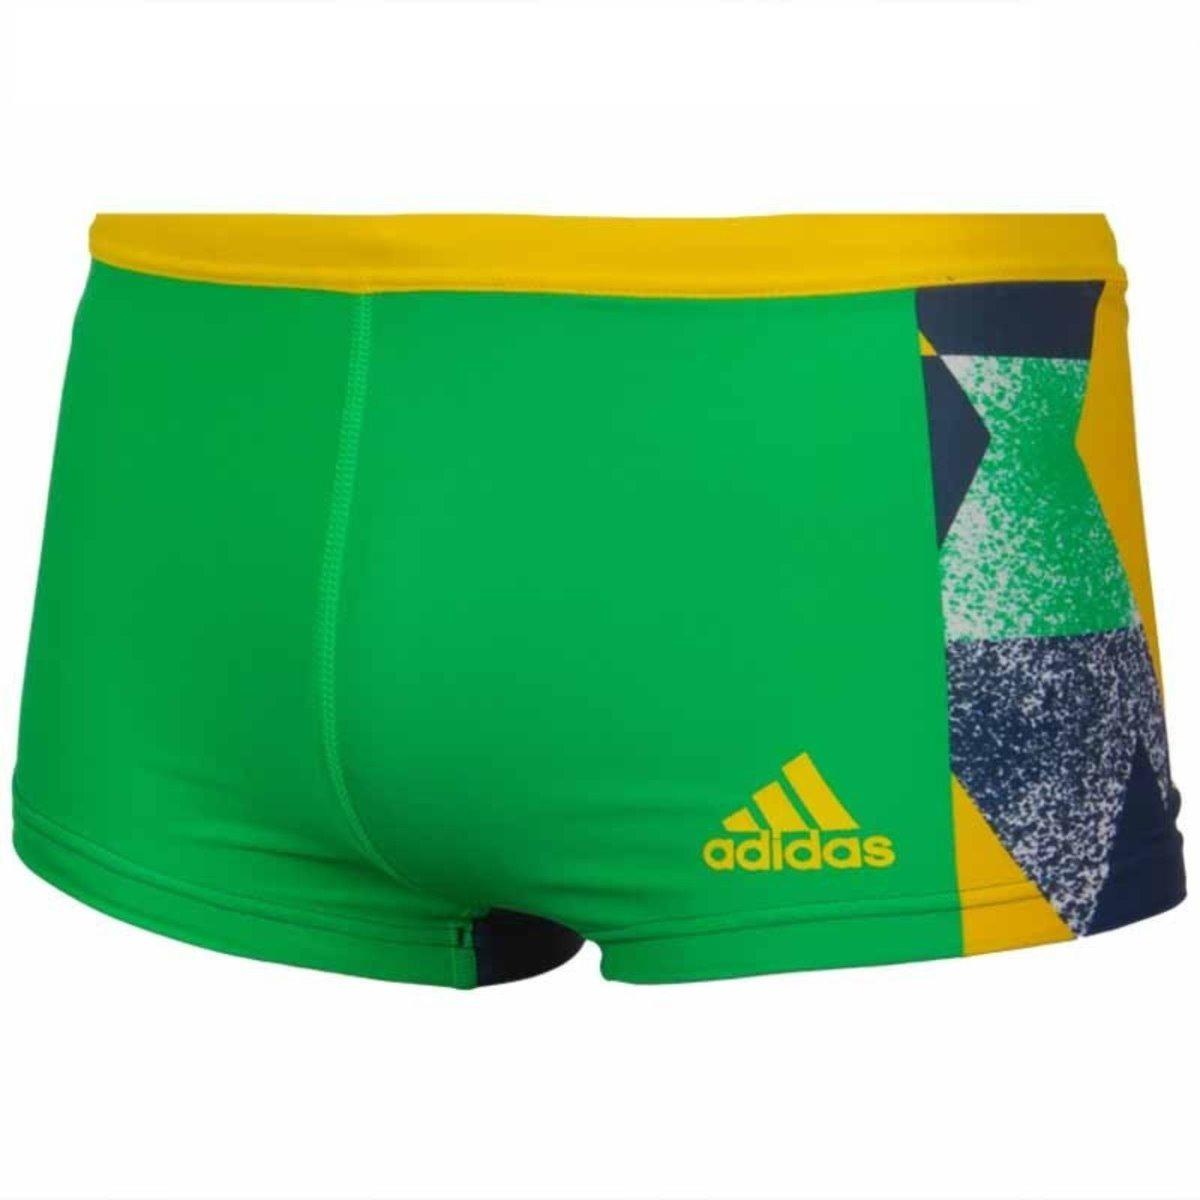 d25e98968 Sunga Boxer adidas Tropical Rio - Natação   Praia - Ak2206 - R  79 ...